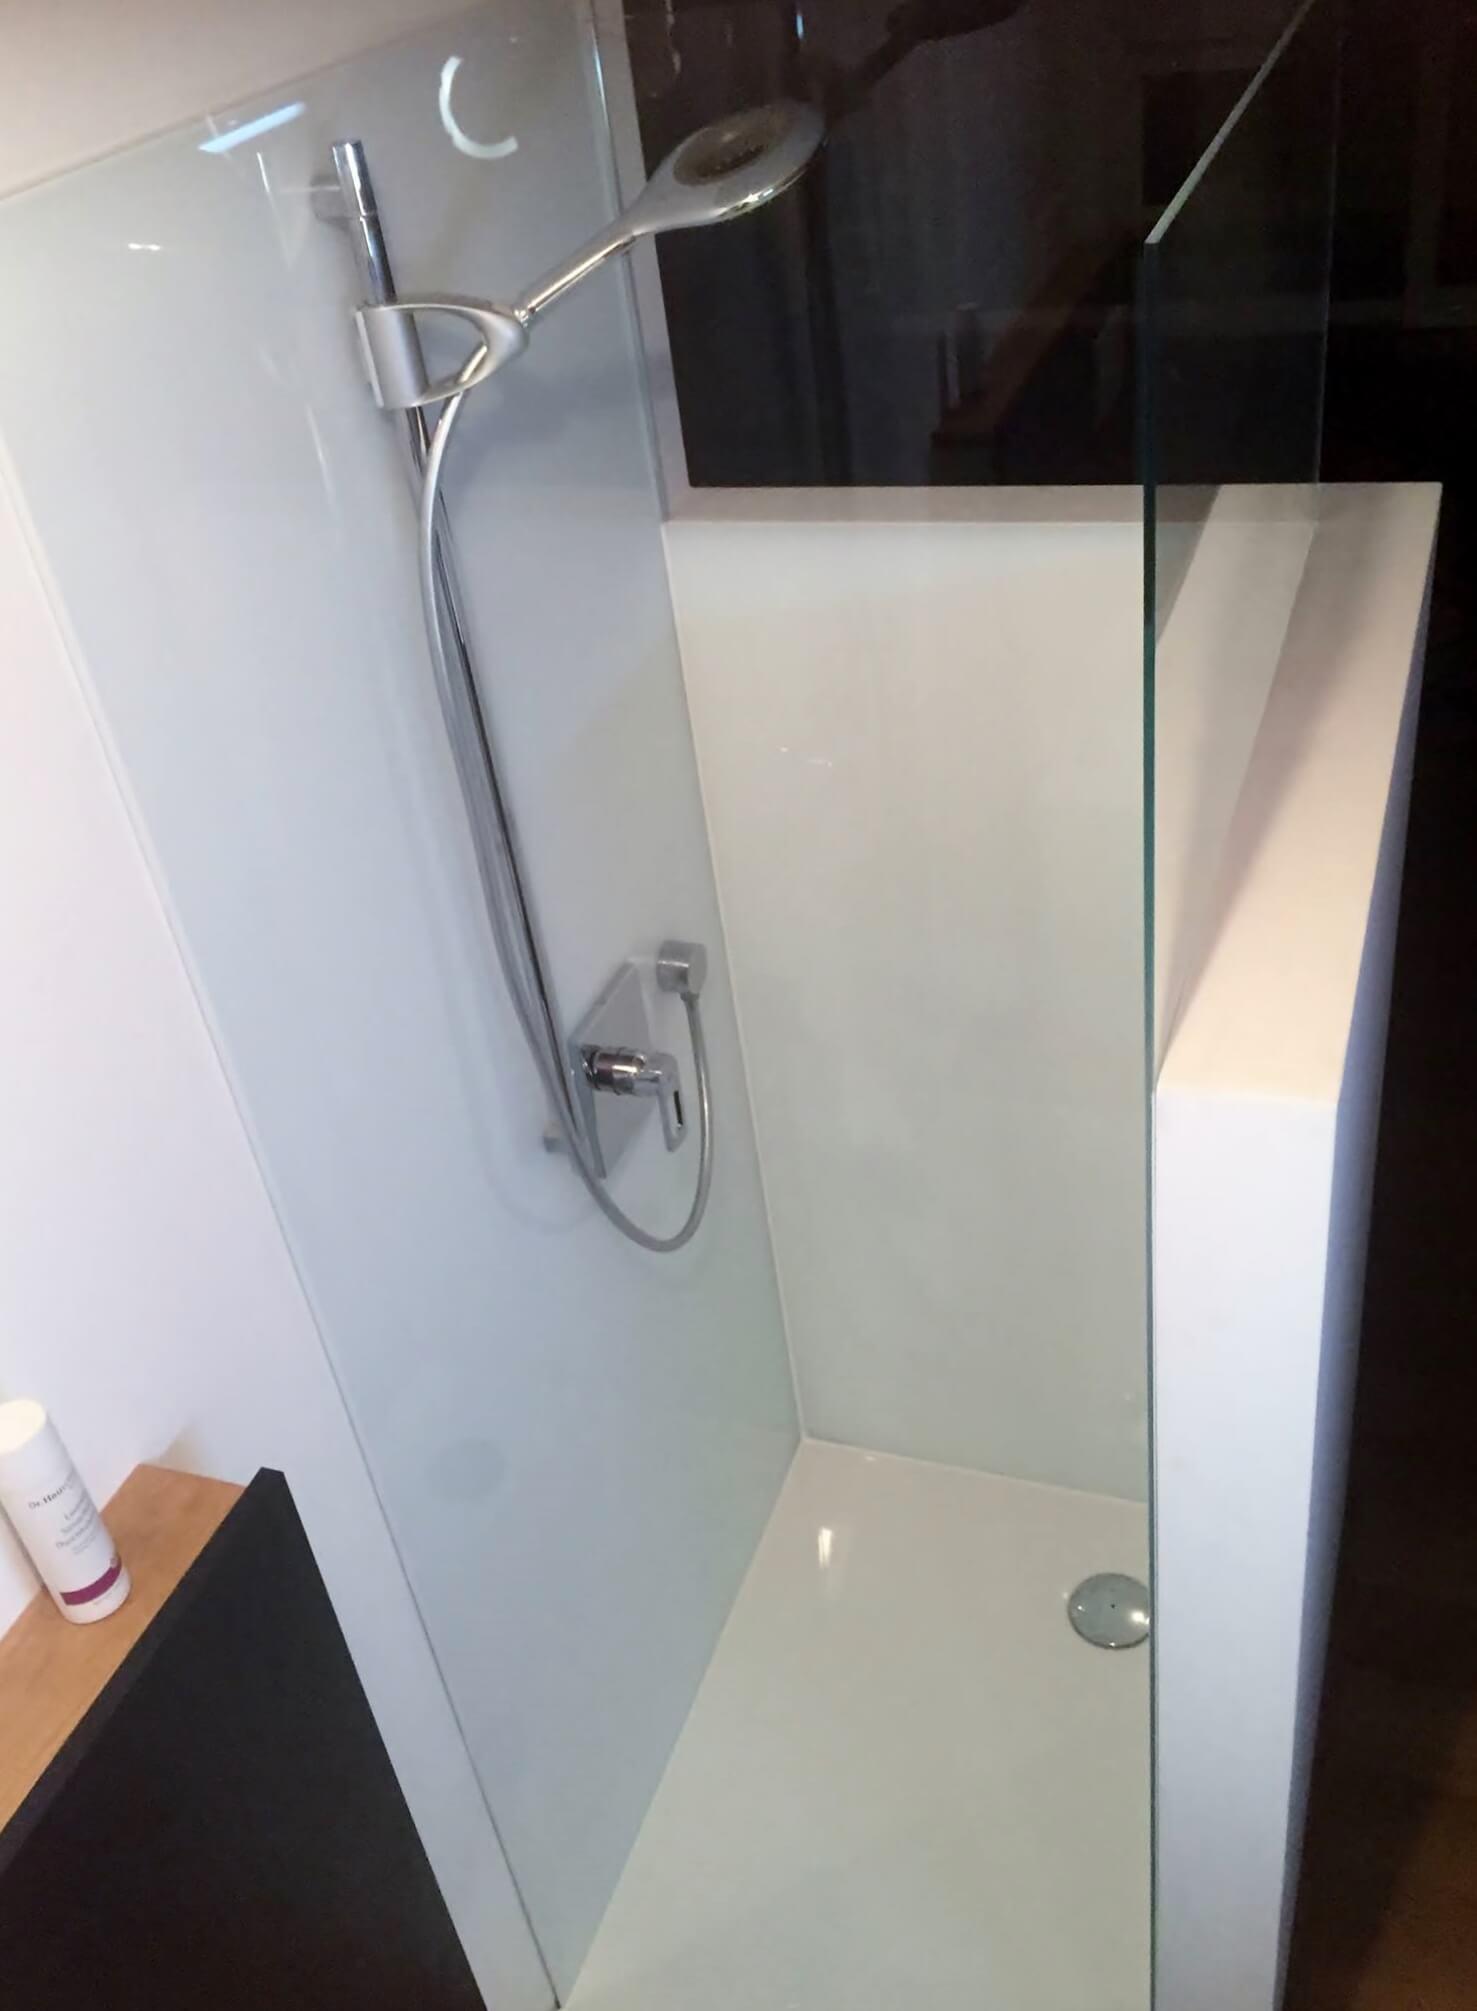 Full Size of Glaswand Dusche Glas Duschrckwand Statt Fliesen In Der Bodengleiche Duschen Moderne Grohe Für Mischbatterie Einhebelmischer Eckeinstieg Begehbare Ohne Tür Dusche Glaswand Dusche